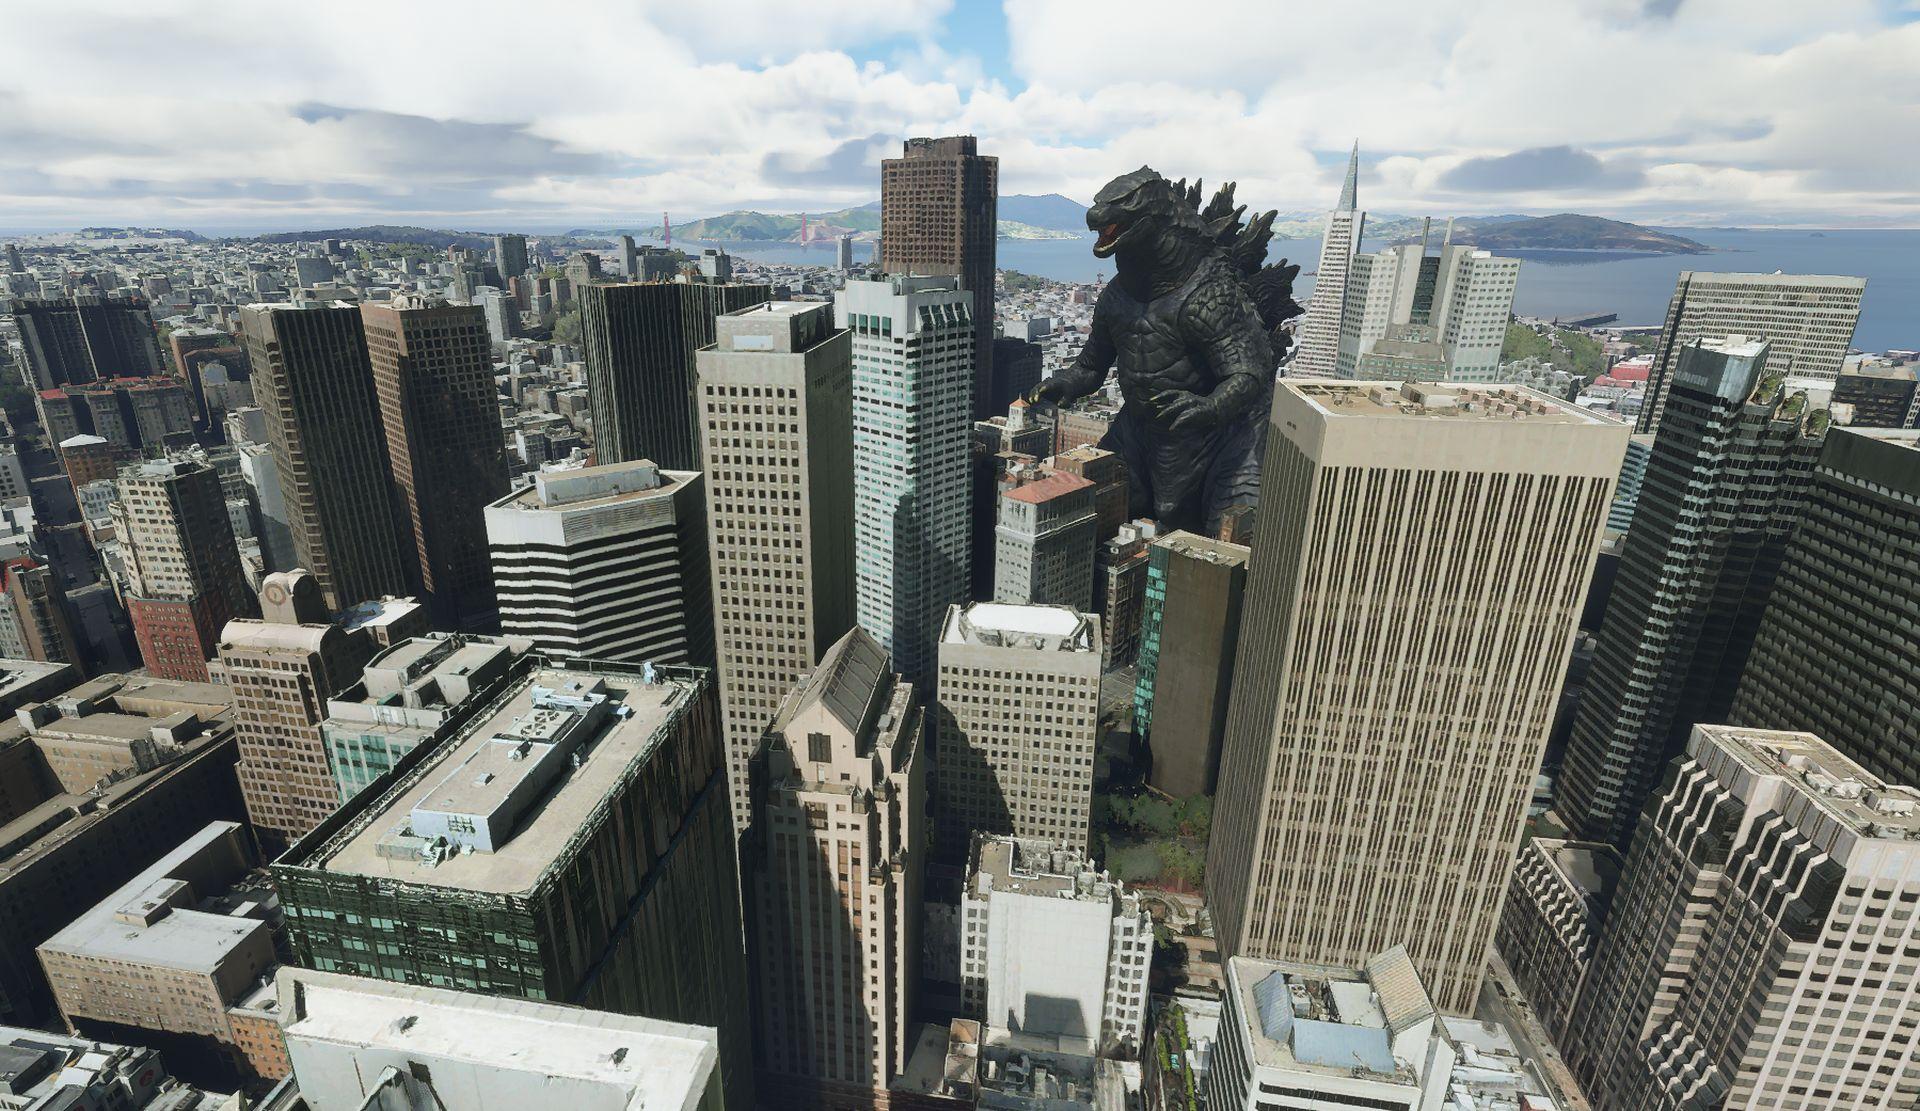 Una captura de pantalla de Microsoft Flight Simulator.  Muestra el horizonte de San Francisco, con una gran estatua de Godzilla del tamaño de un rascacielos en el medio.